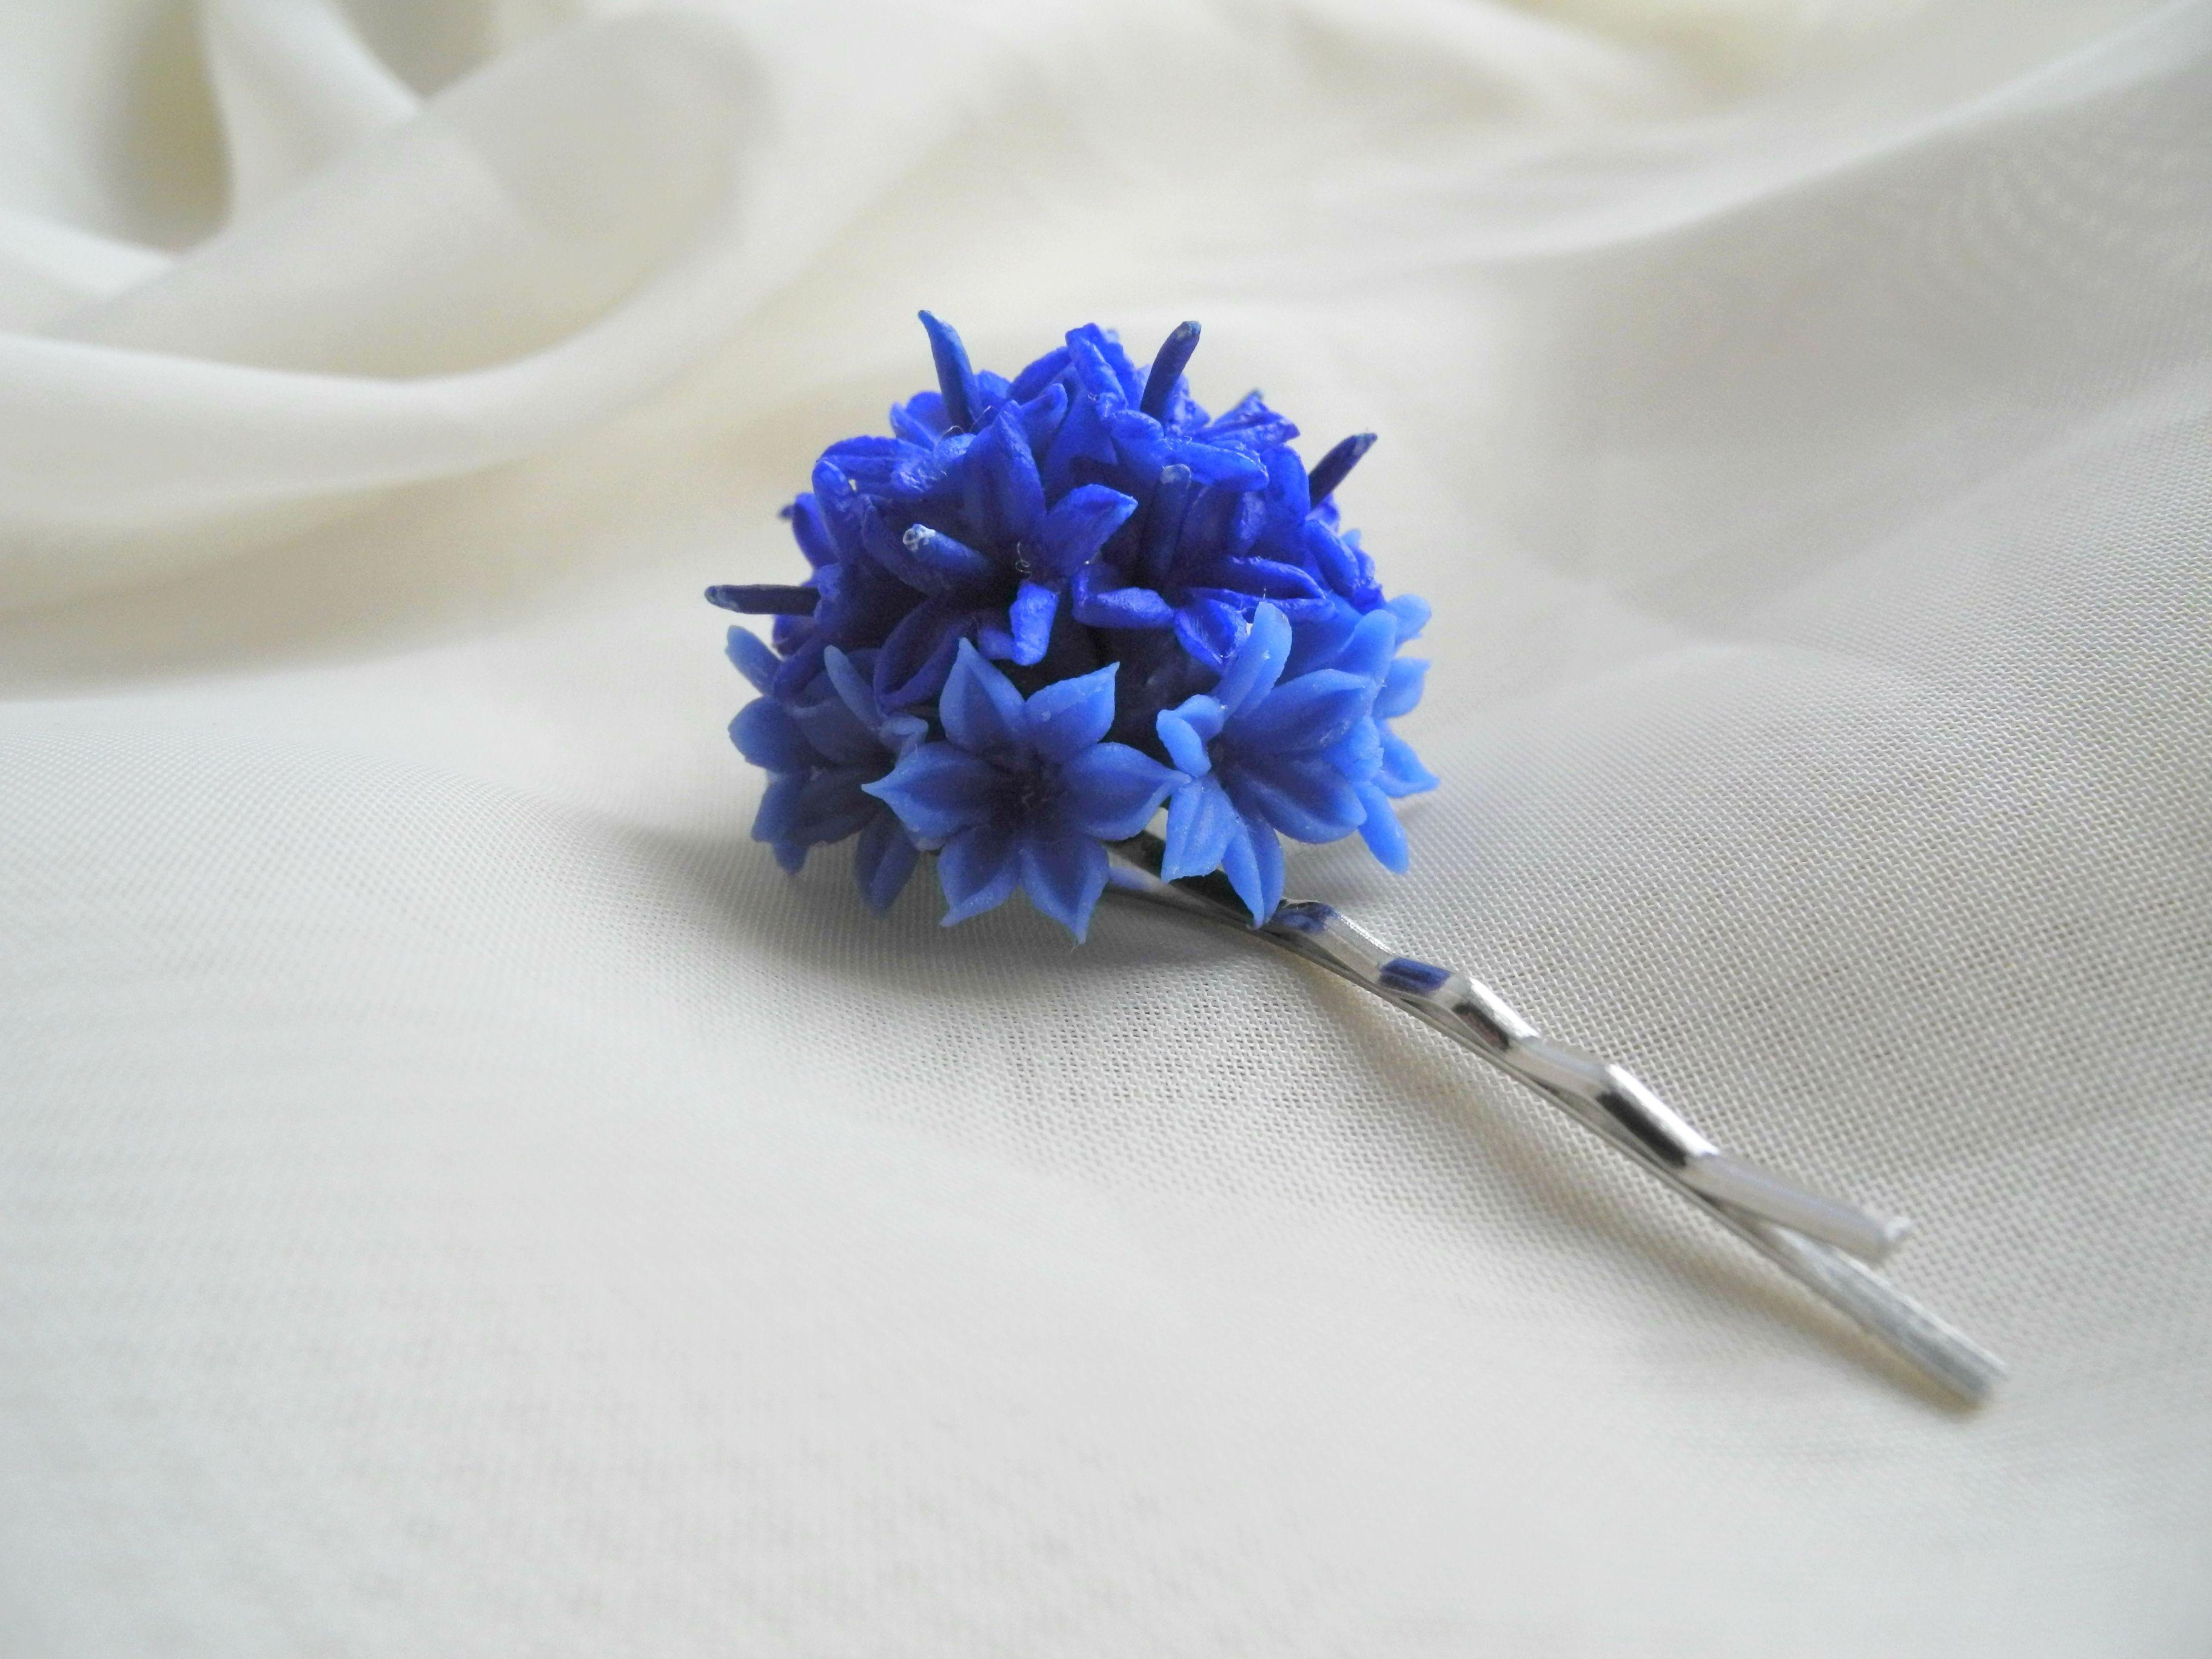 заколка украшение proglina керамическаяфлористика холодныйфарфор василек подаркиручнойработы белоусоваанна невидимка handmade цветы своимируками